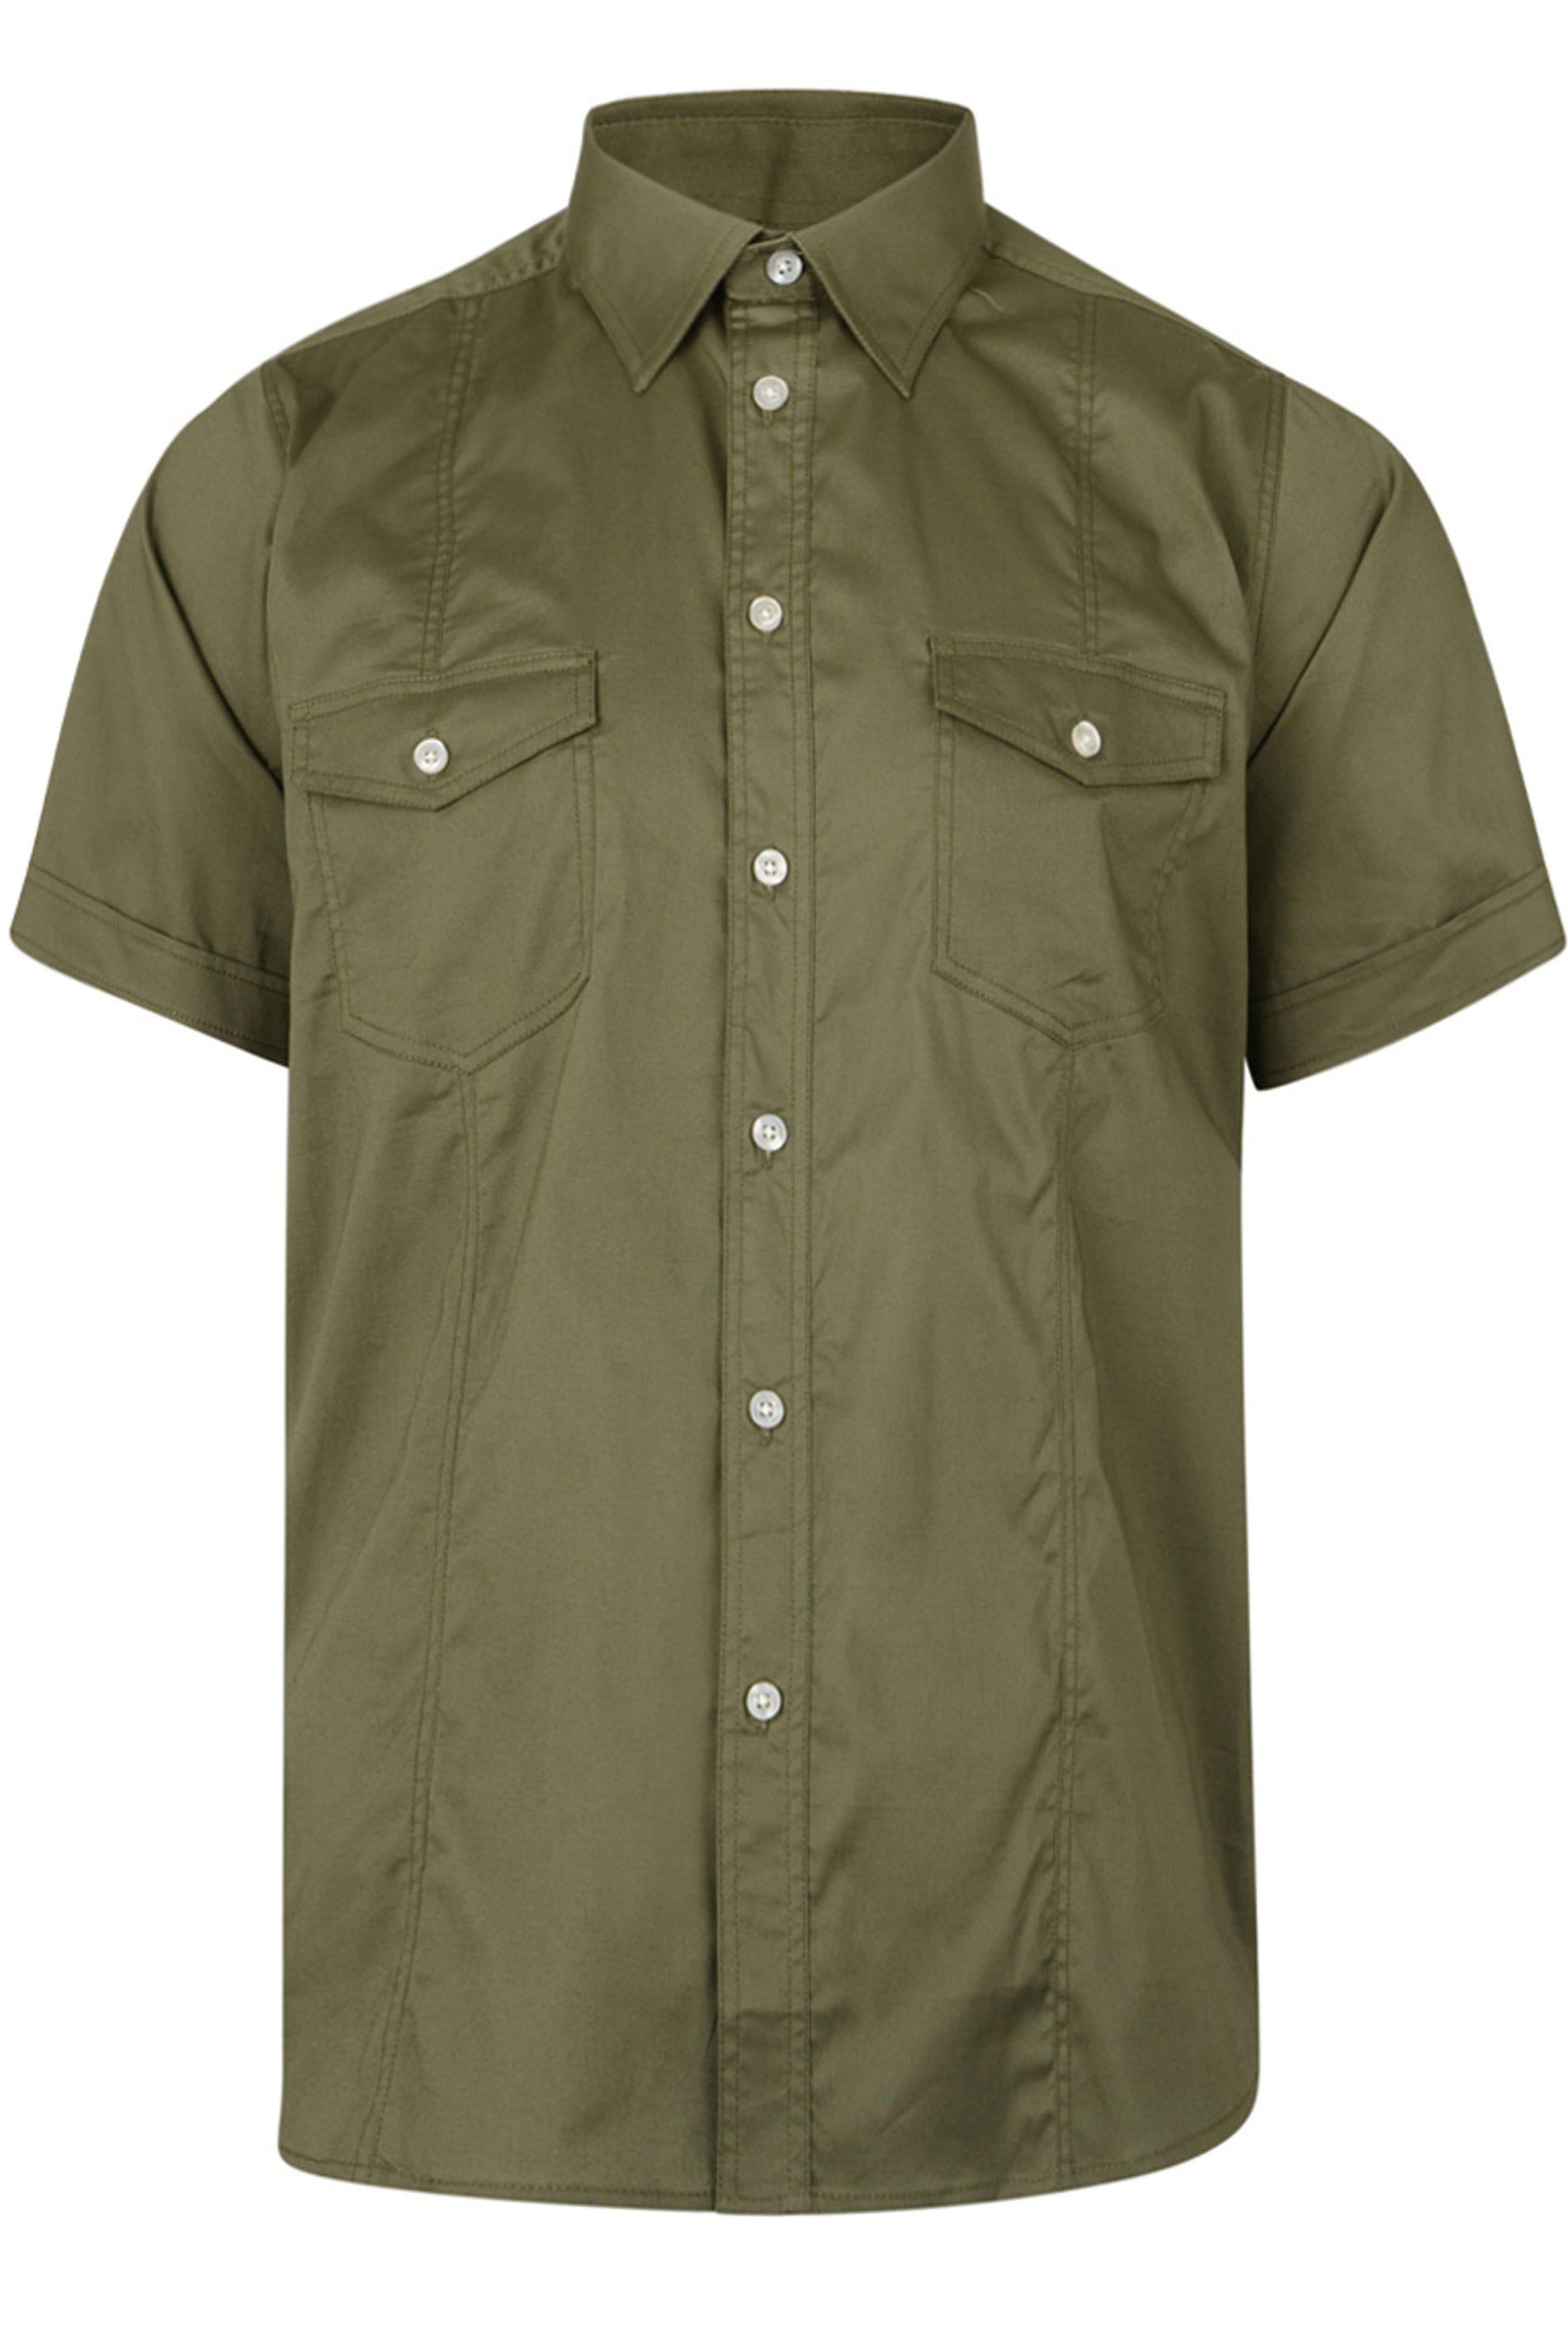 KAM Khaki Short Sleeve Shirt